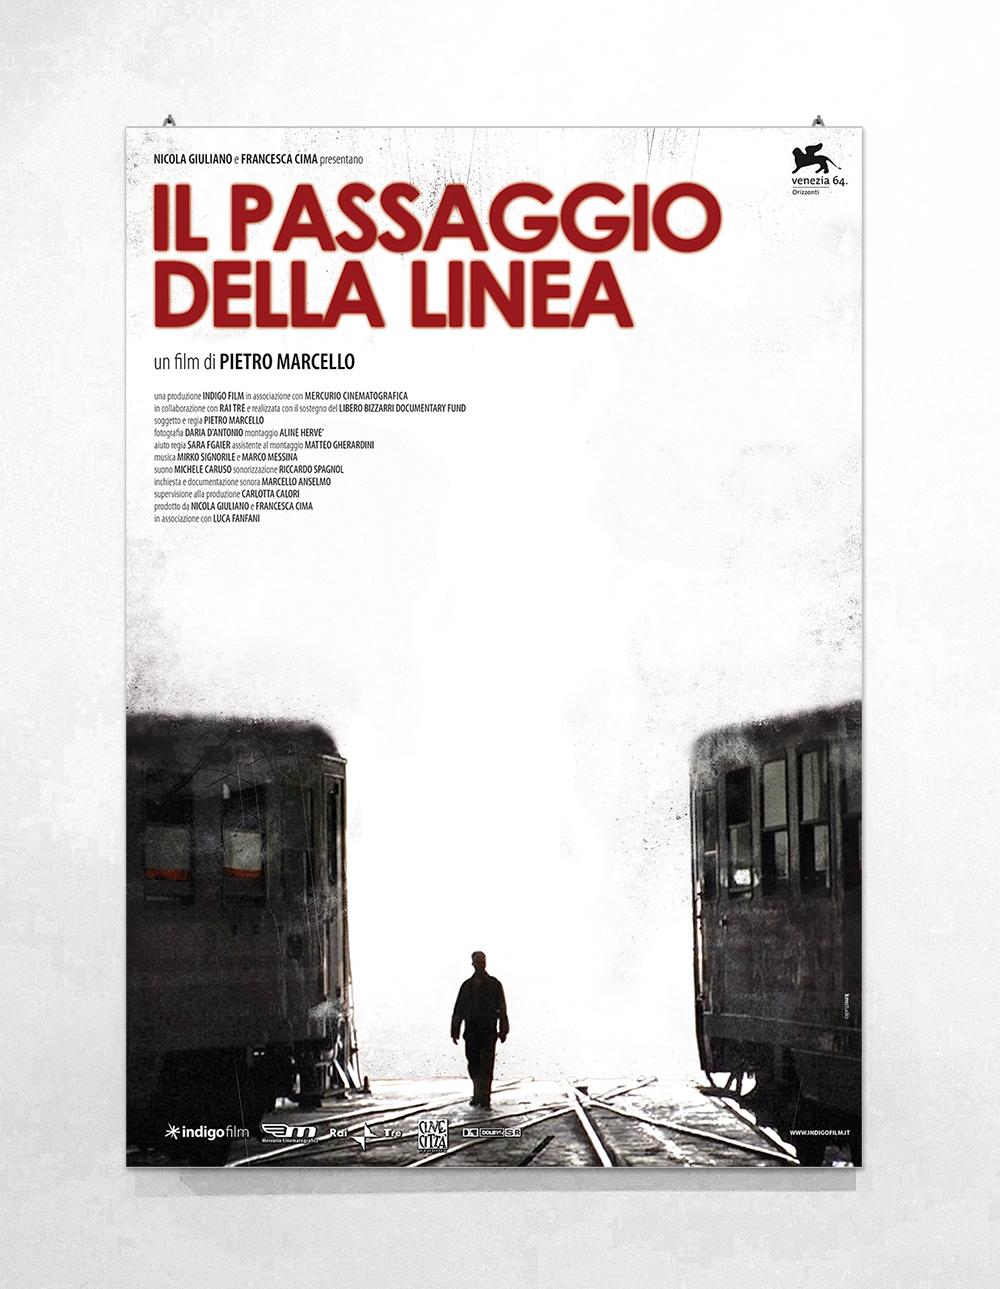 Il passaggio della linea regia Pietro Marcello